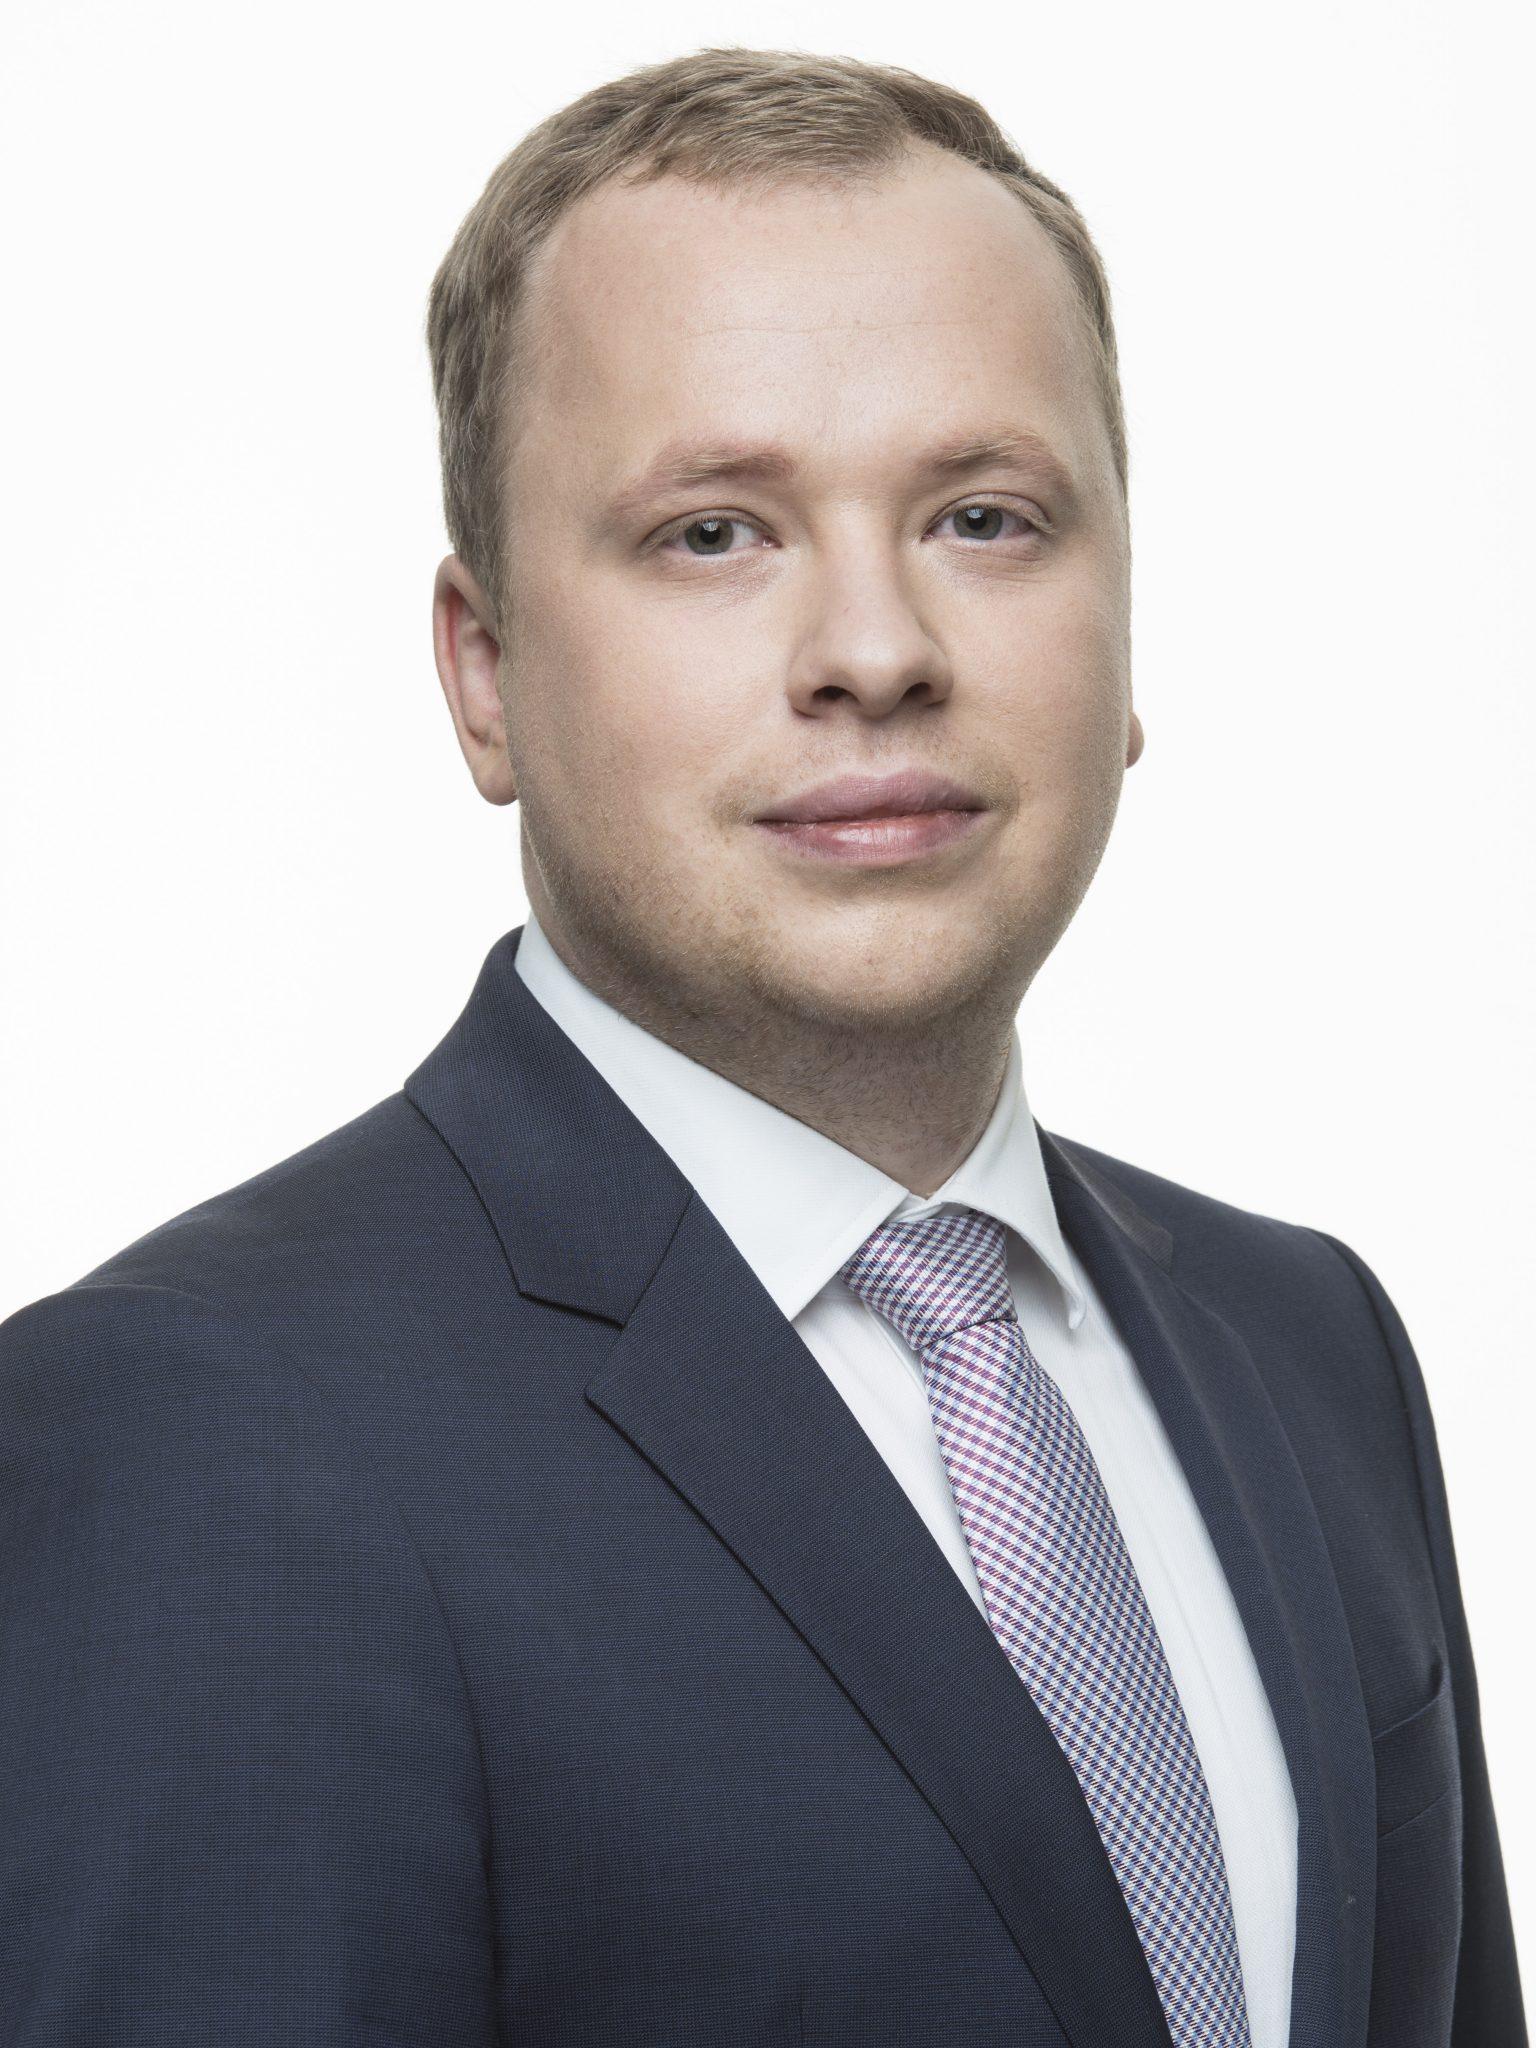 Maciej Suwik